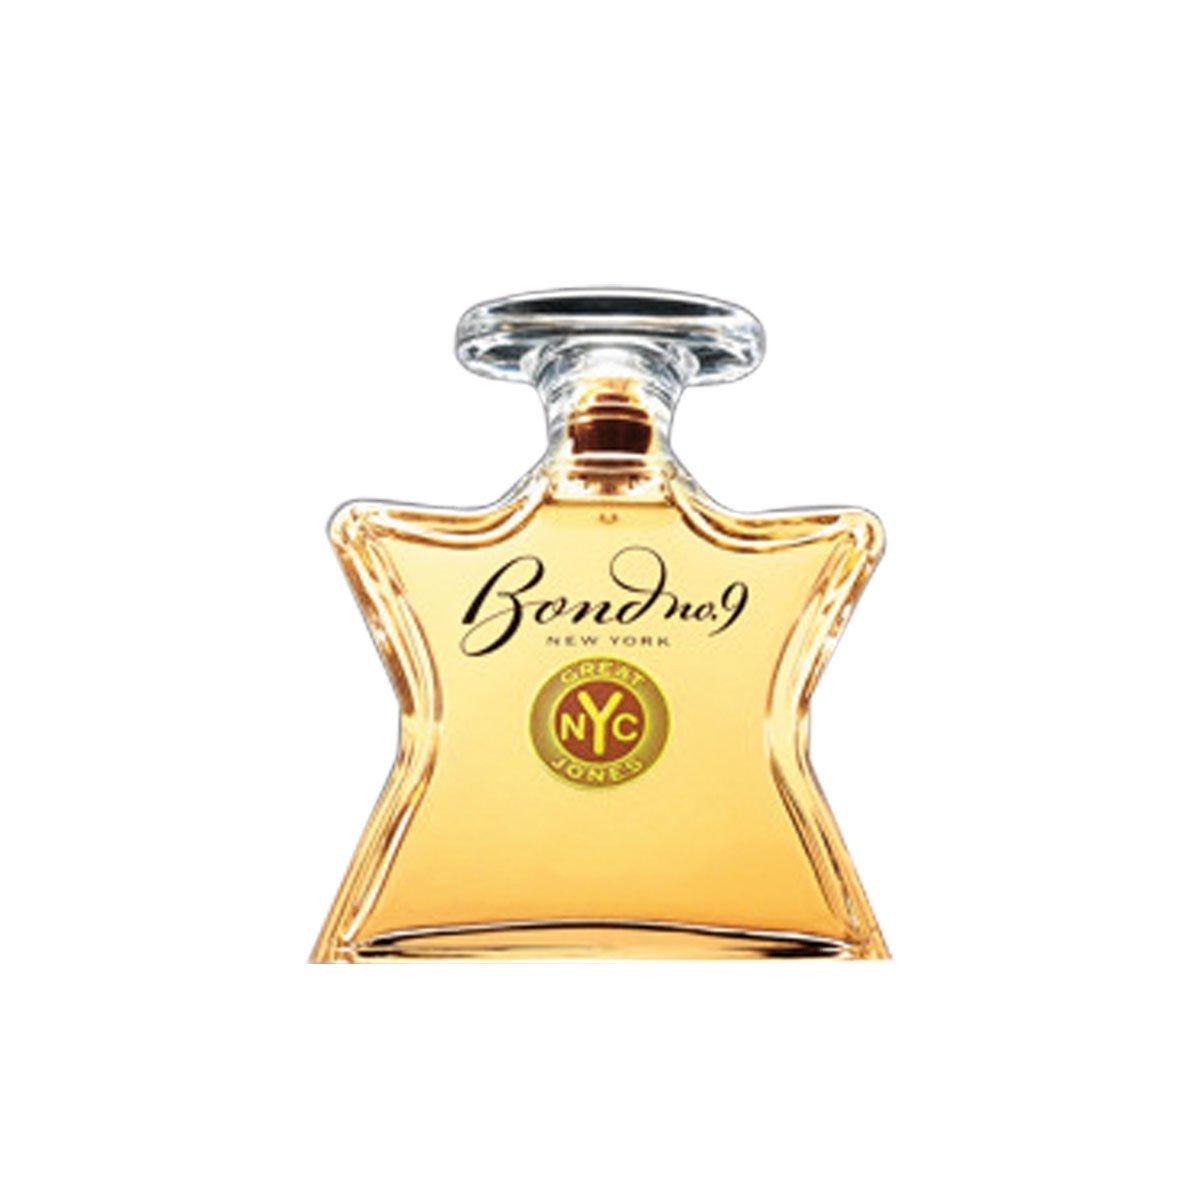 Bond No. 9 Great Jones by Bond No. 9 For Men. Eau De Parfum Spray 3.3-Ounces